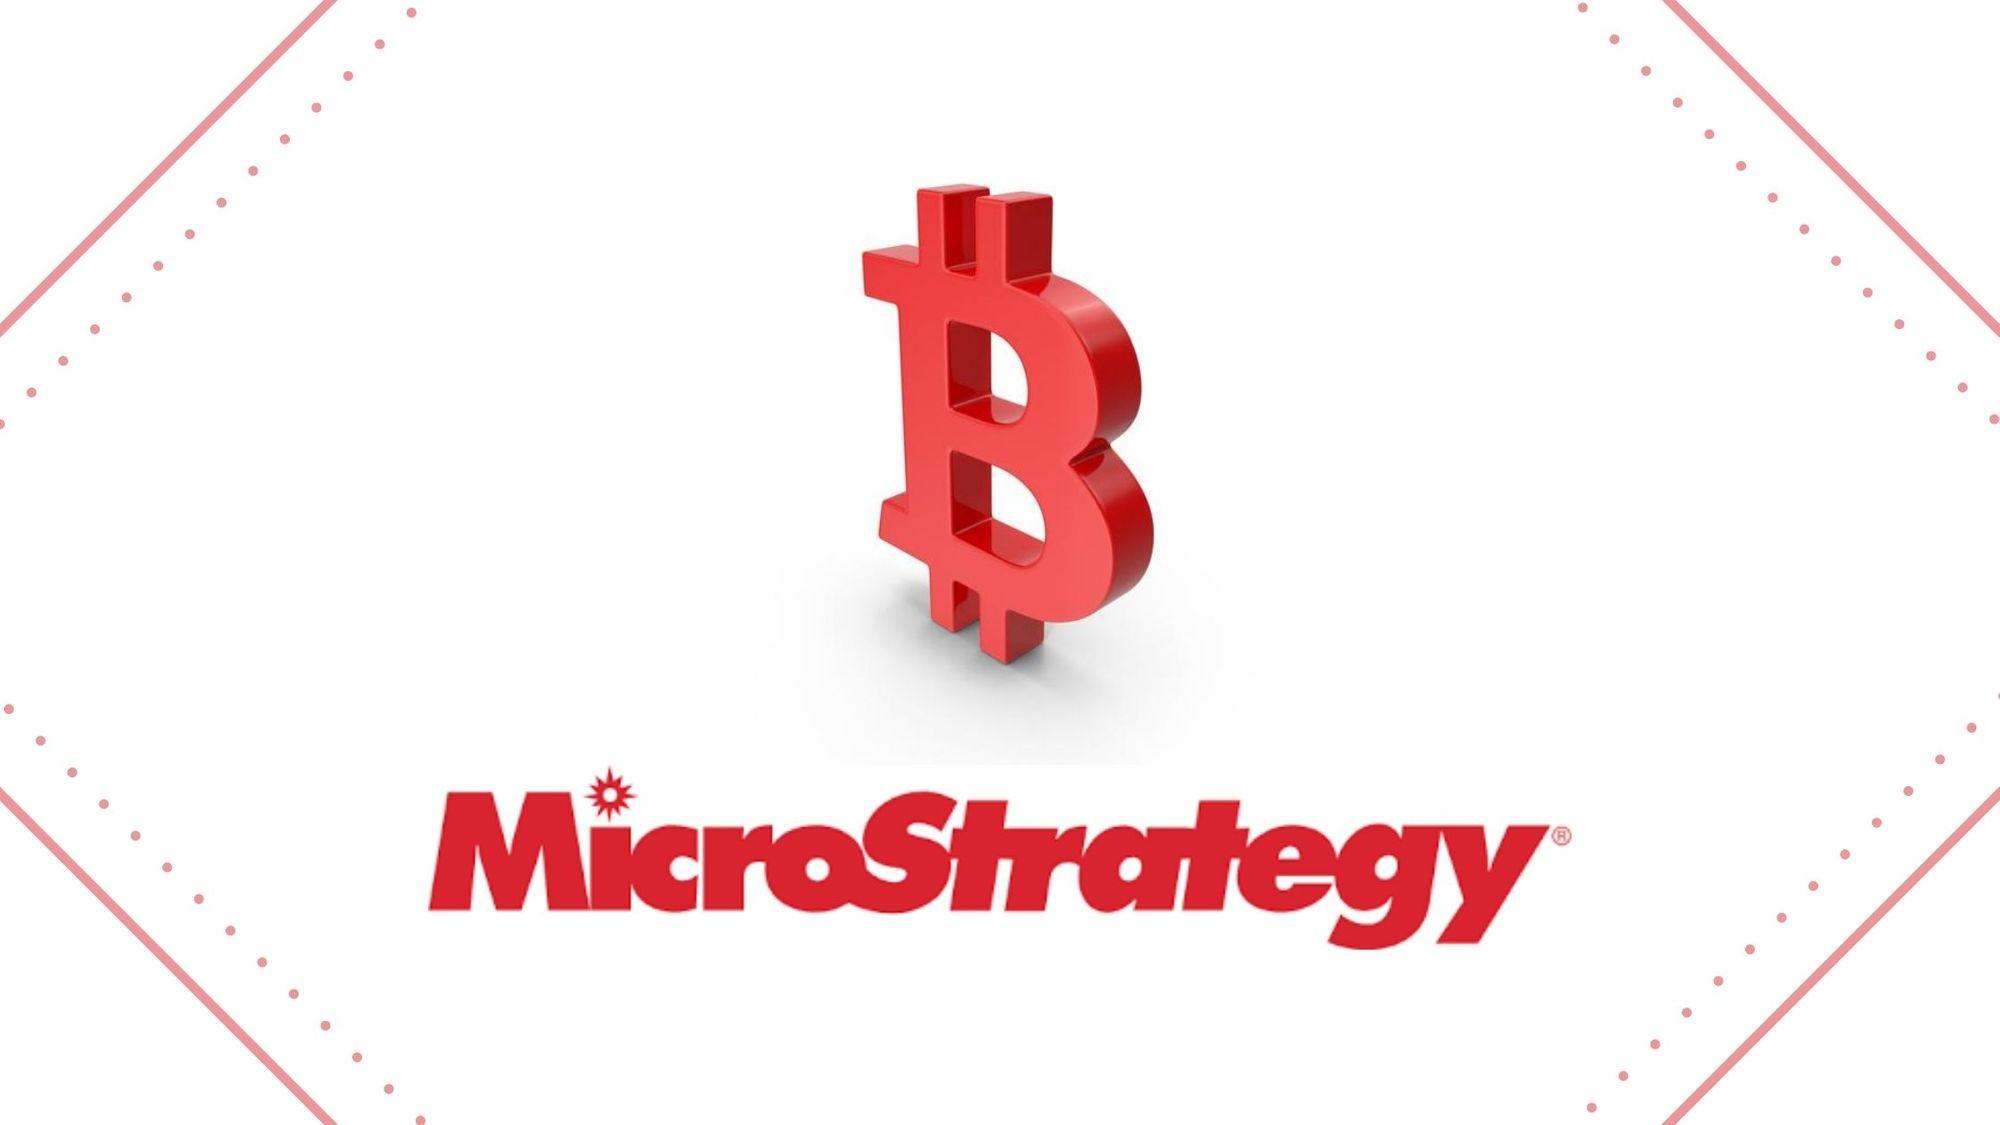 MicroStrategy zamyka ofertę obligacji o wartości 500 mln USD. Za pozyskane środki kupi BTC